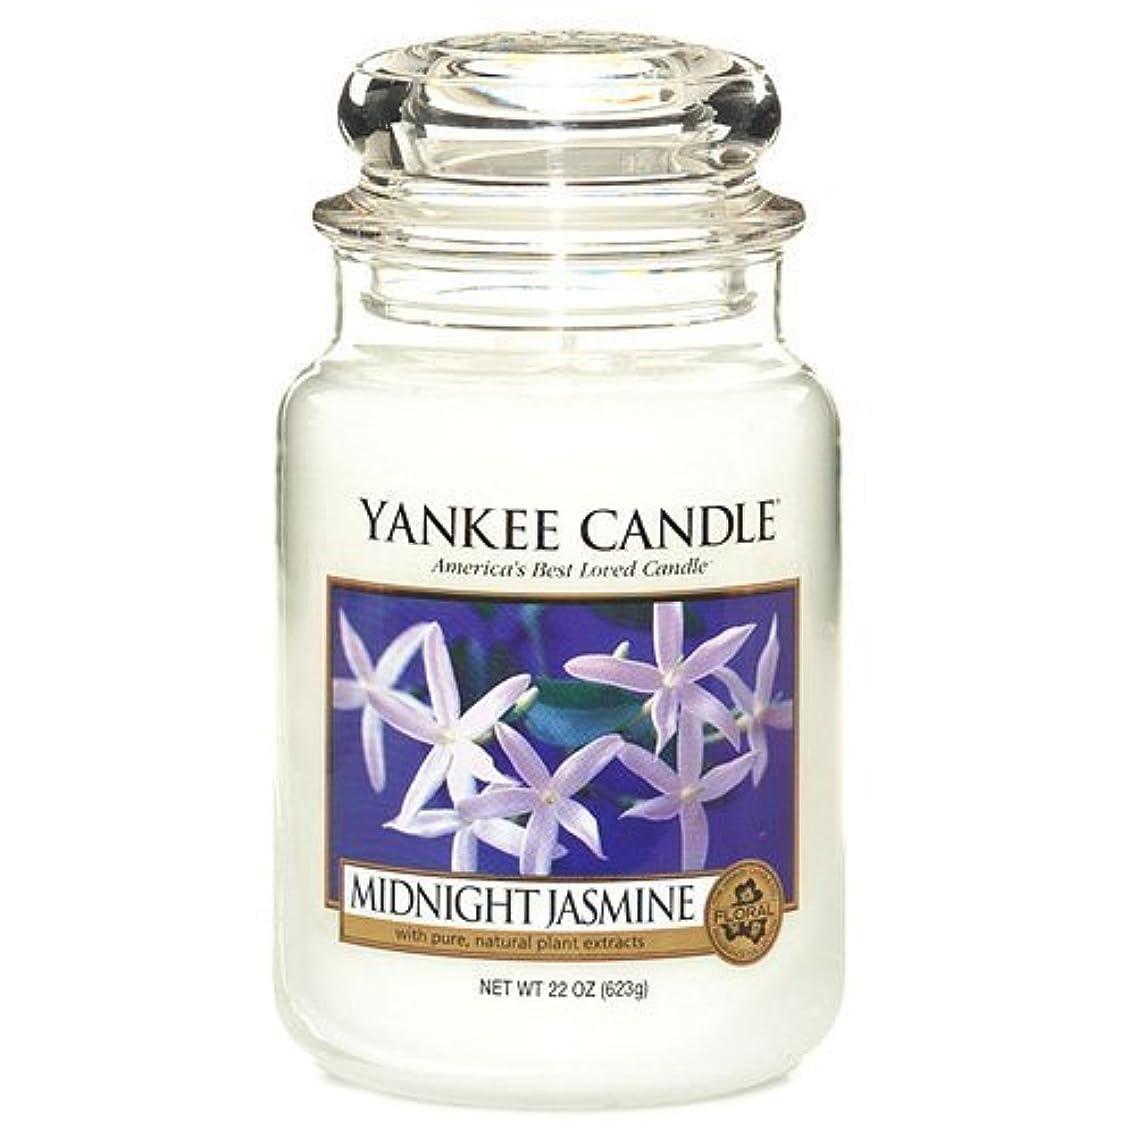 くしゃくしゃ沿ってリベラルYankee Candle Housewarmer Jar (Midnight Jasmine) - Large (22 oz) by Yankee Candle [並行輸入品]